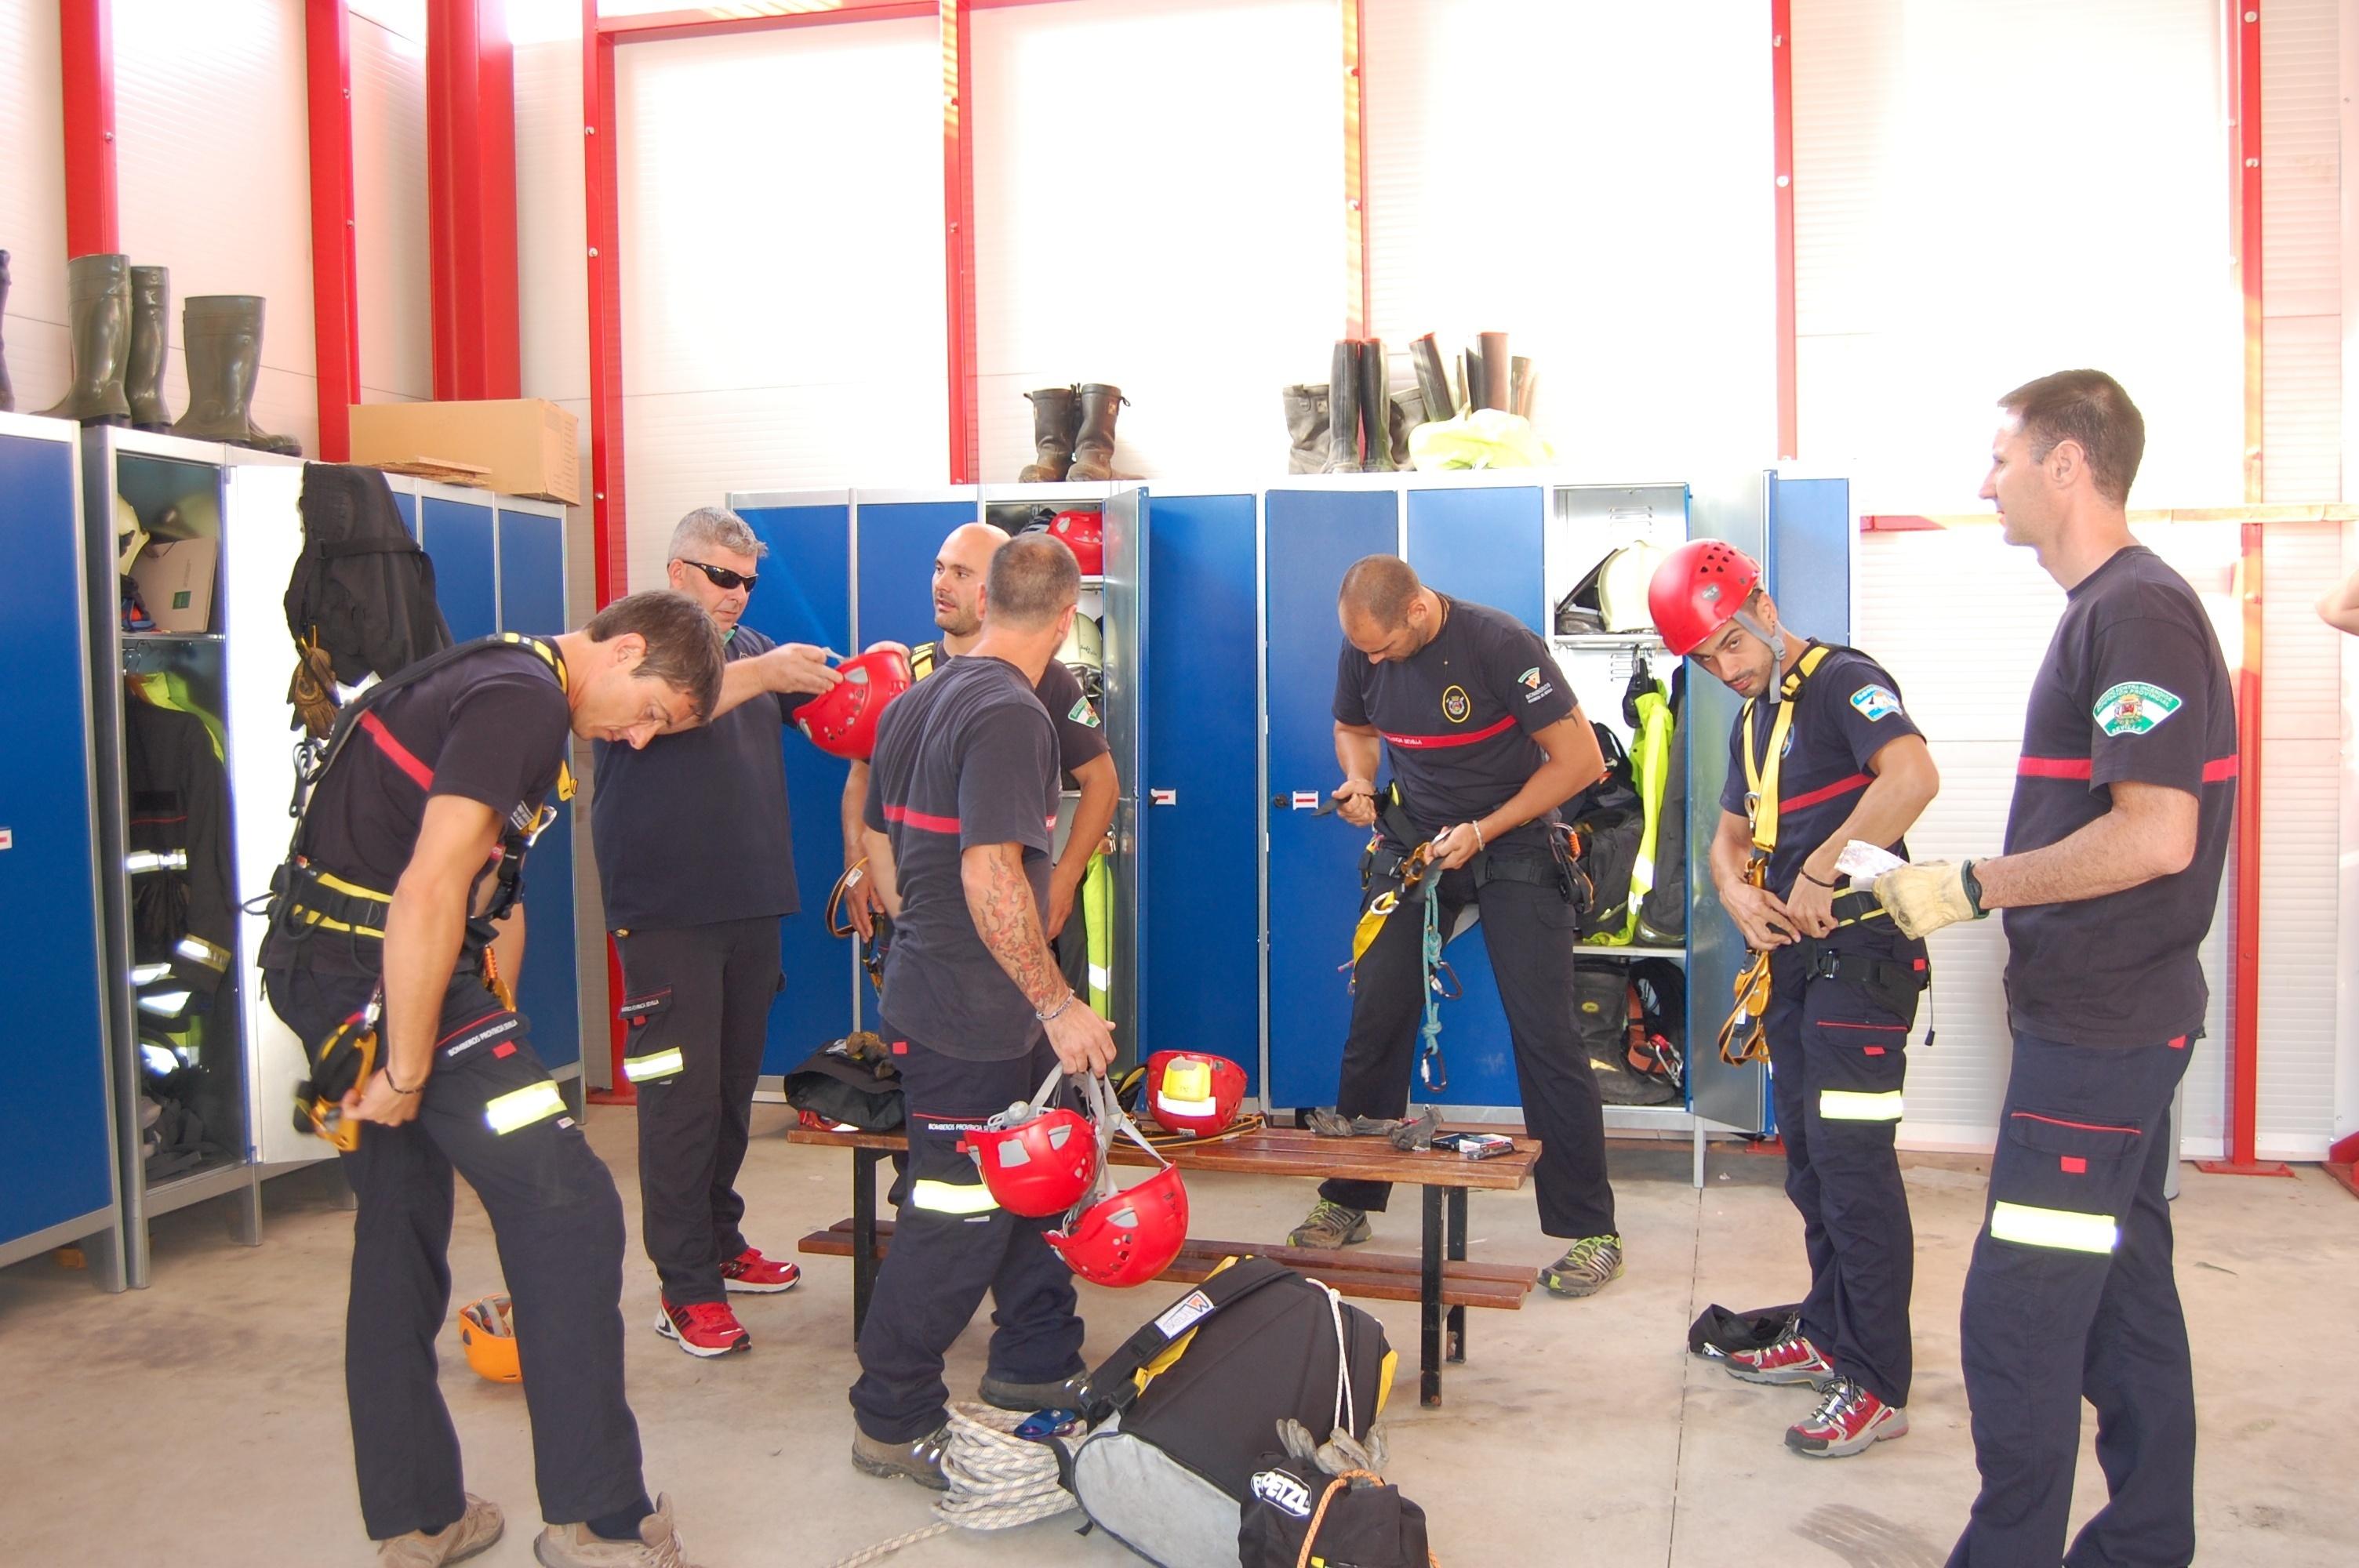 El Centro de Emergencias de Alcalá de Guadaíra acoge el I Encuentro Provincial de Rescate Urbano